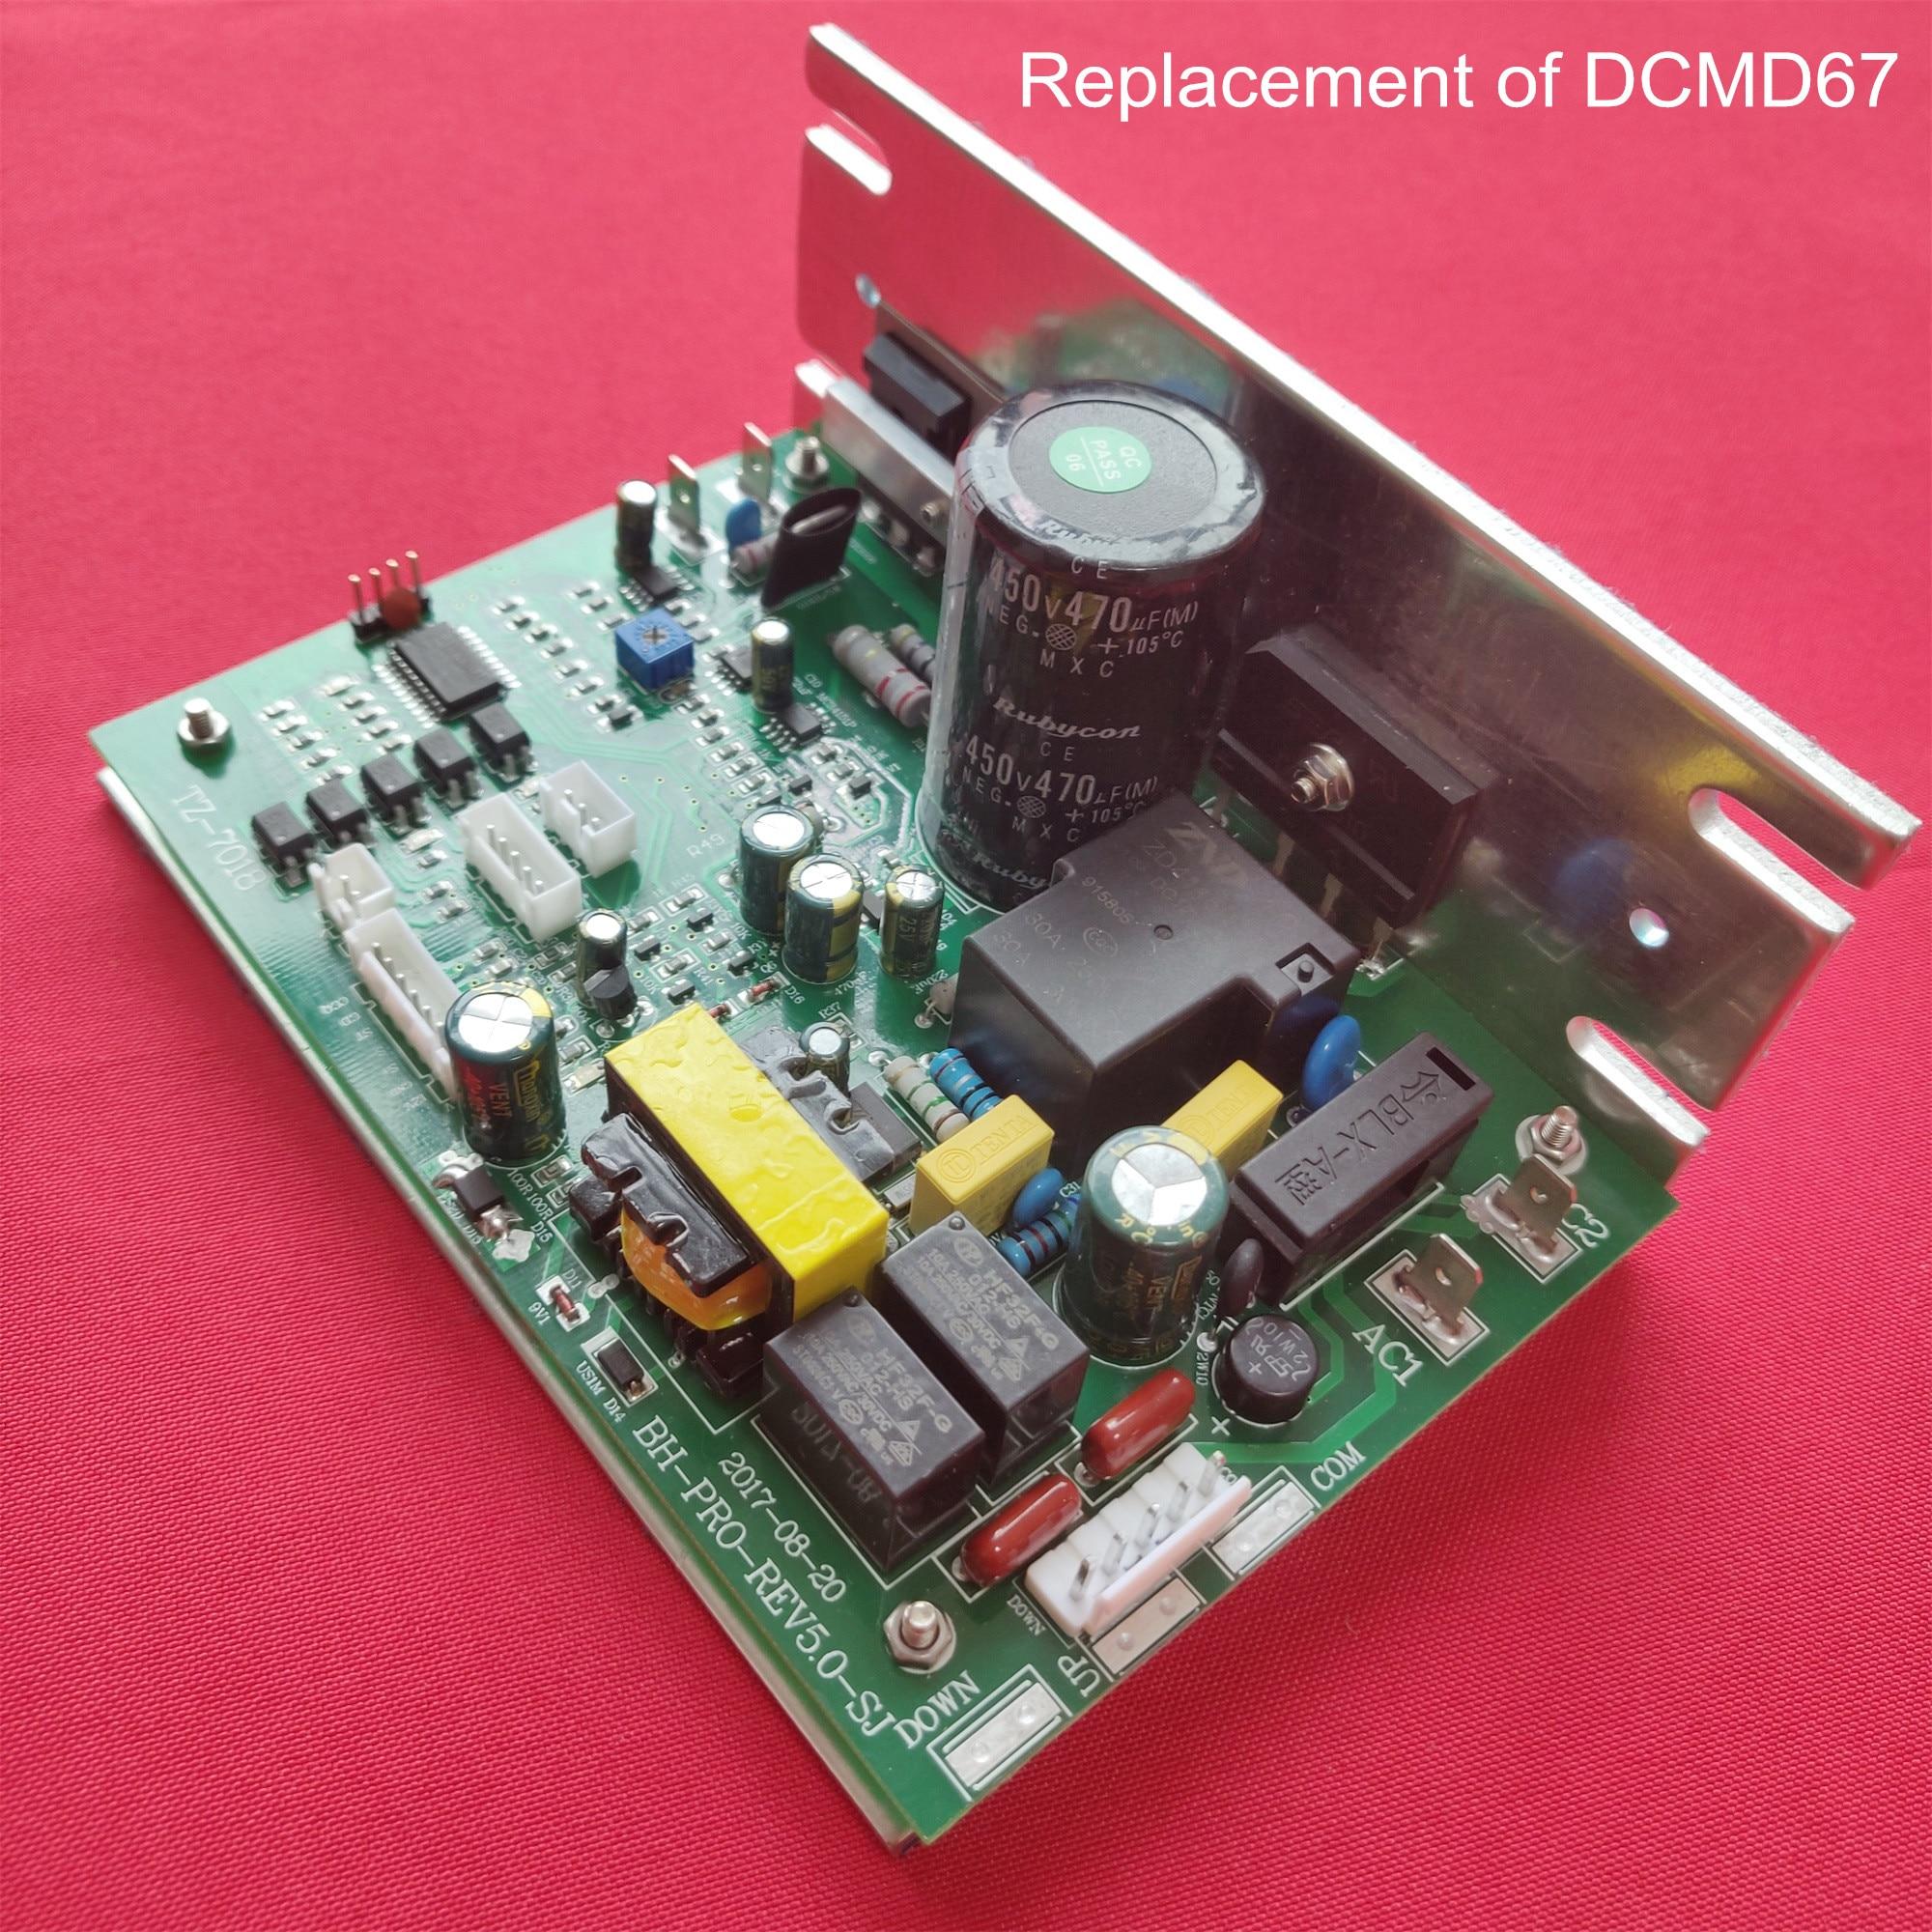 Замена беговой дорожки контроллер двигателя для DK городской беговой дорожки NB702028 совместим с DCMD67 печатной платы